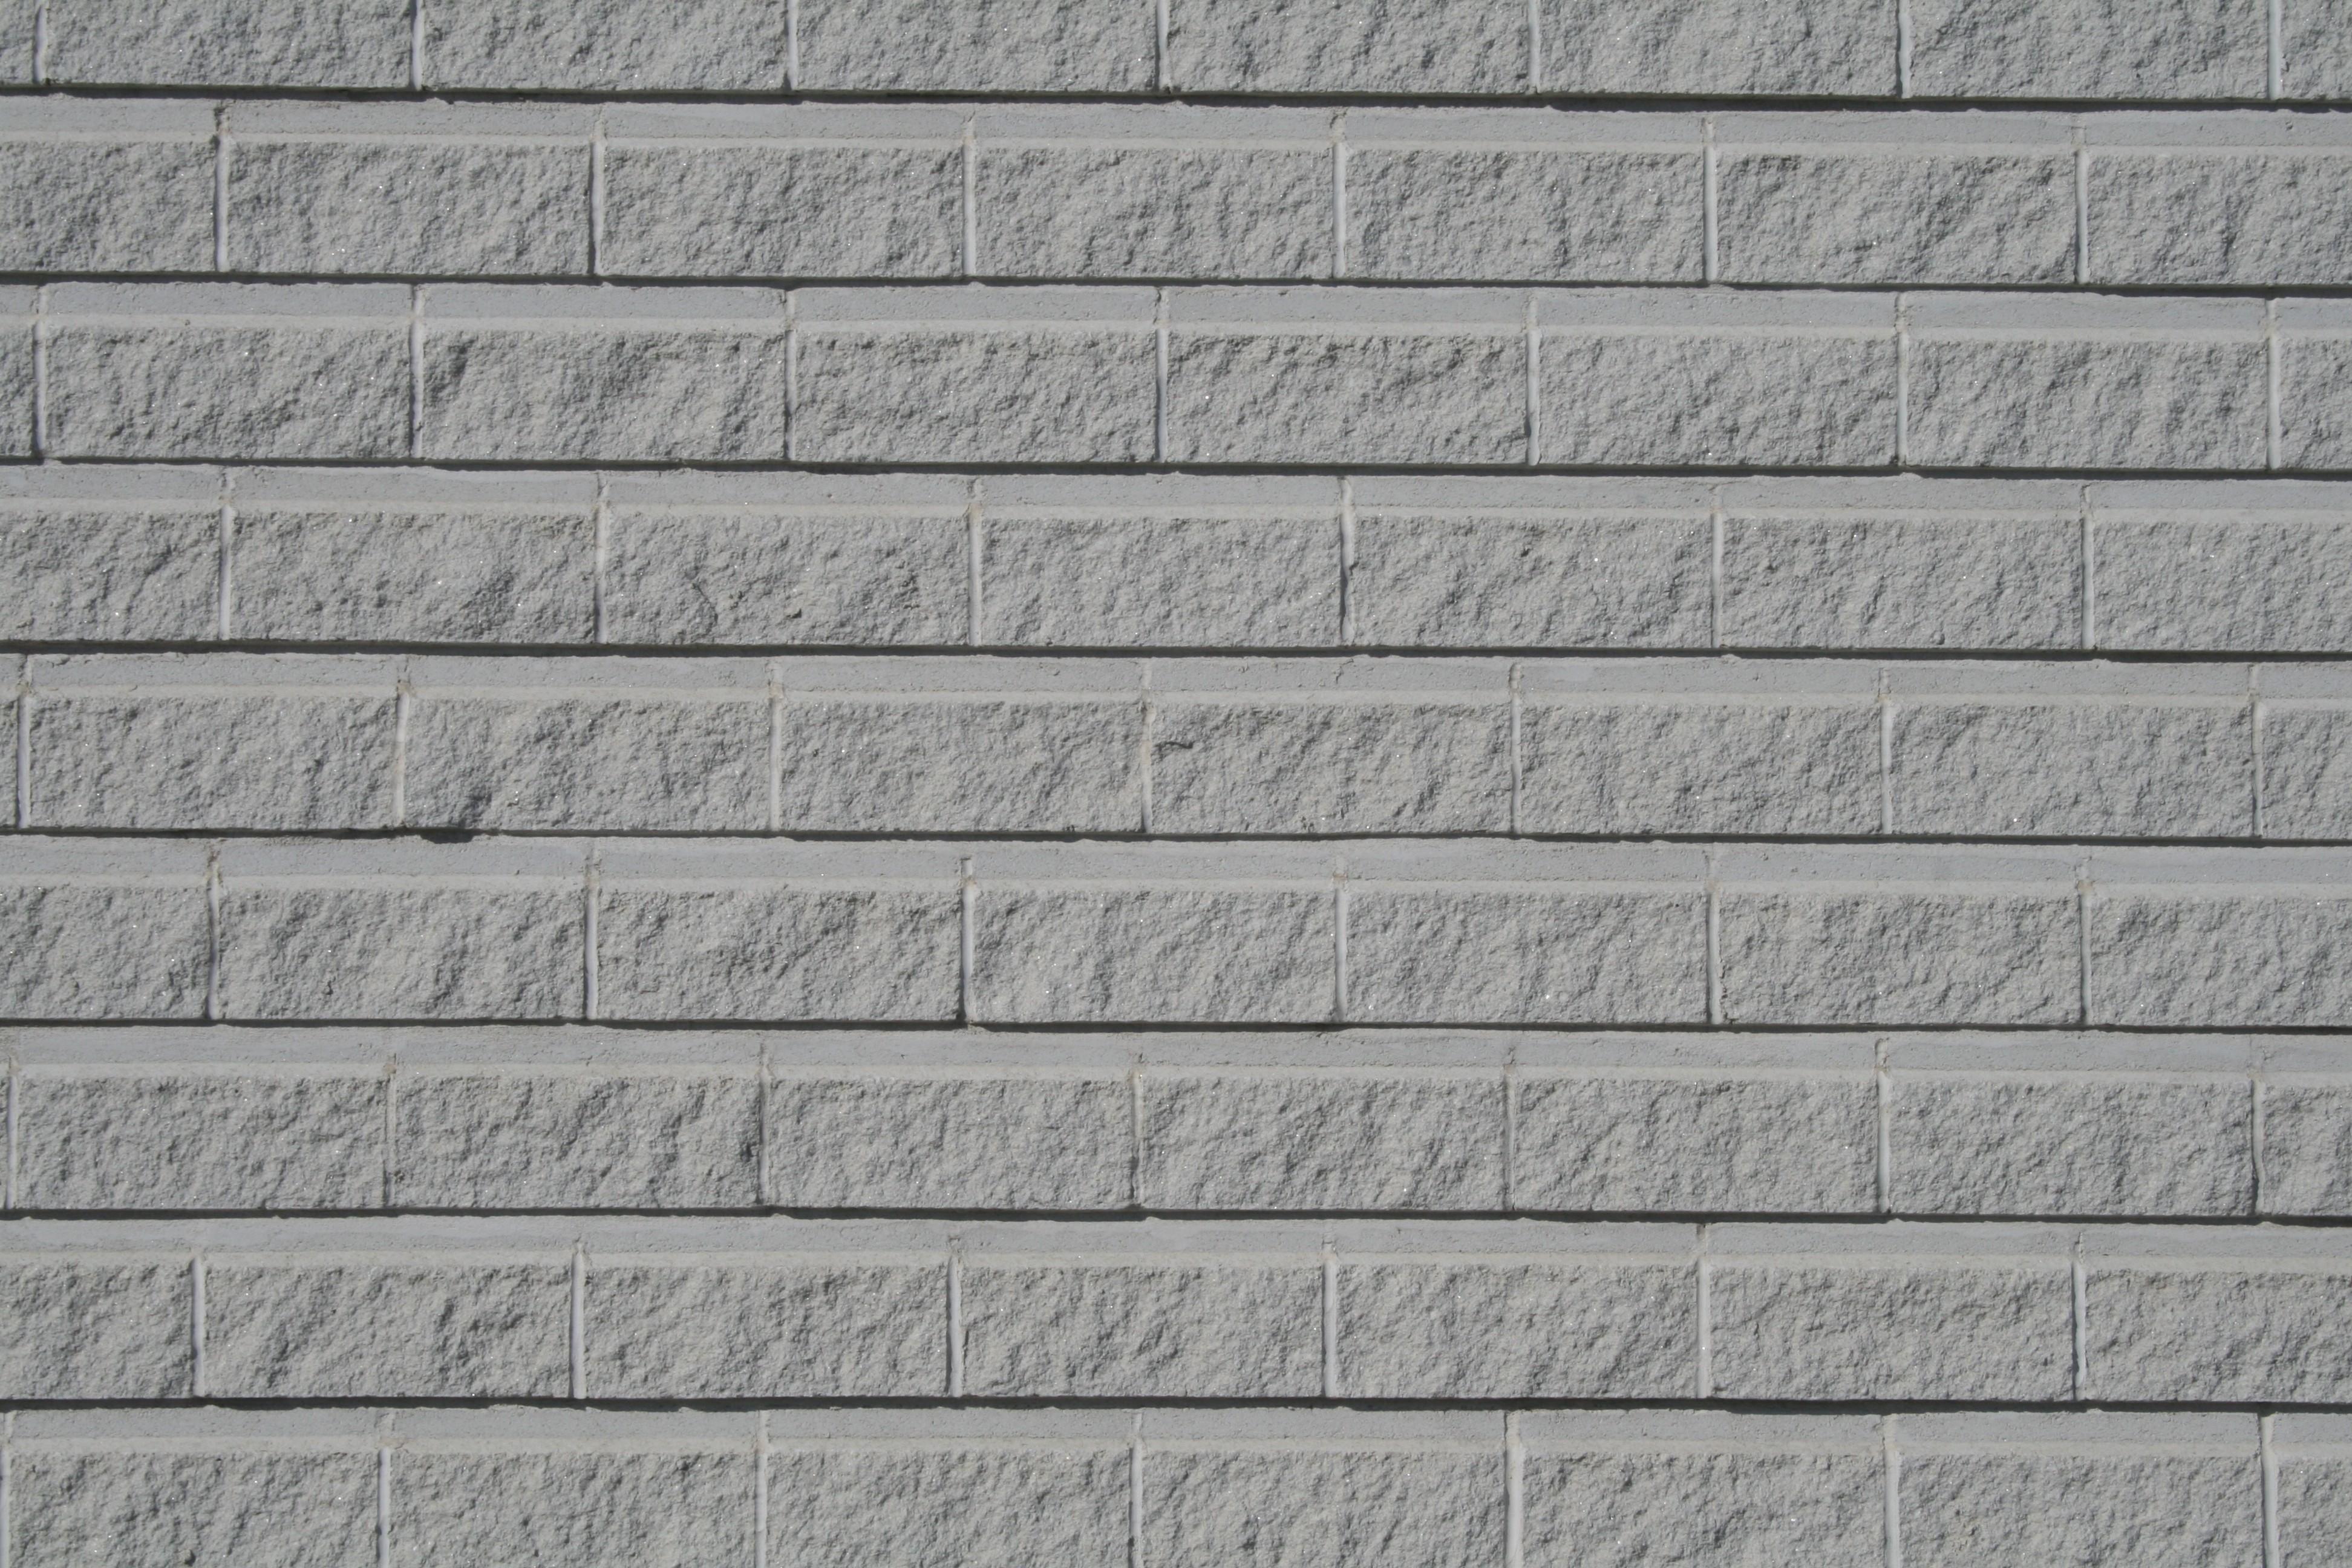 Assorted Brick Wall Textures   Texturemate.com